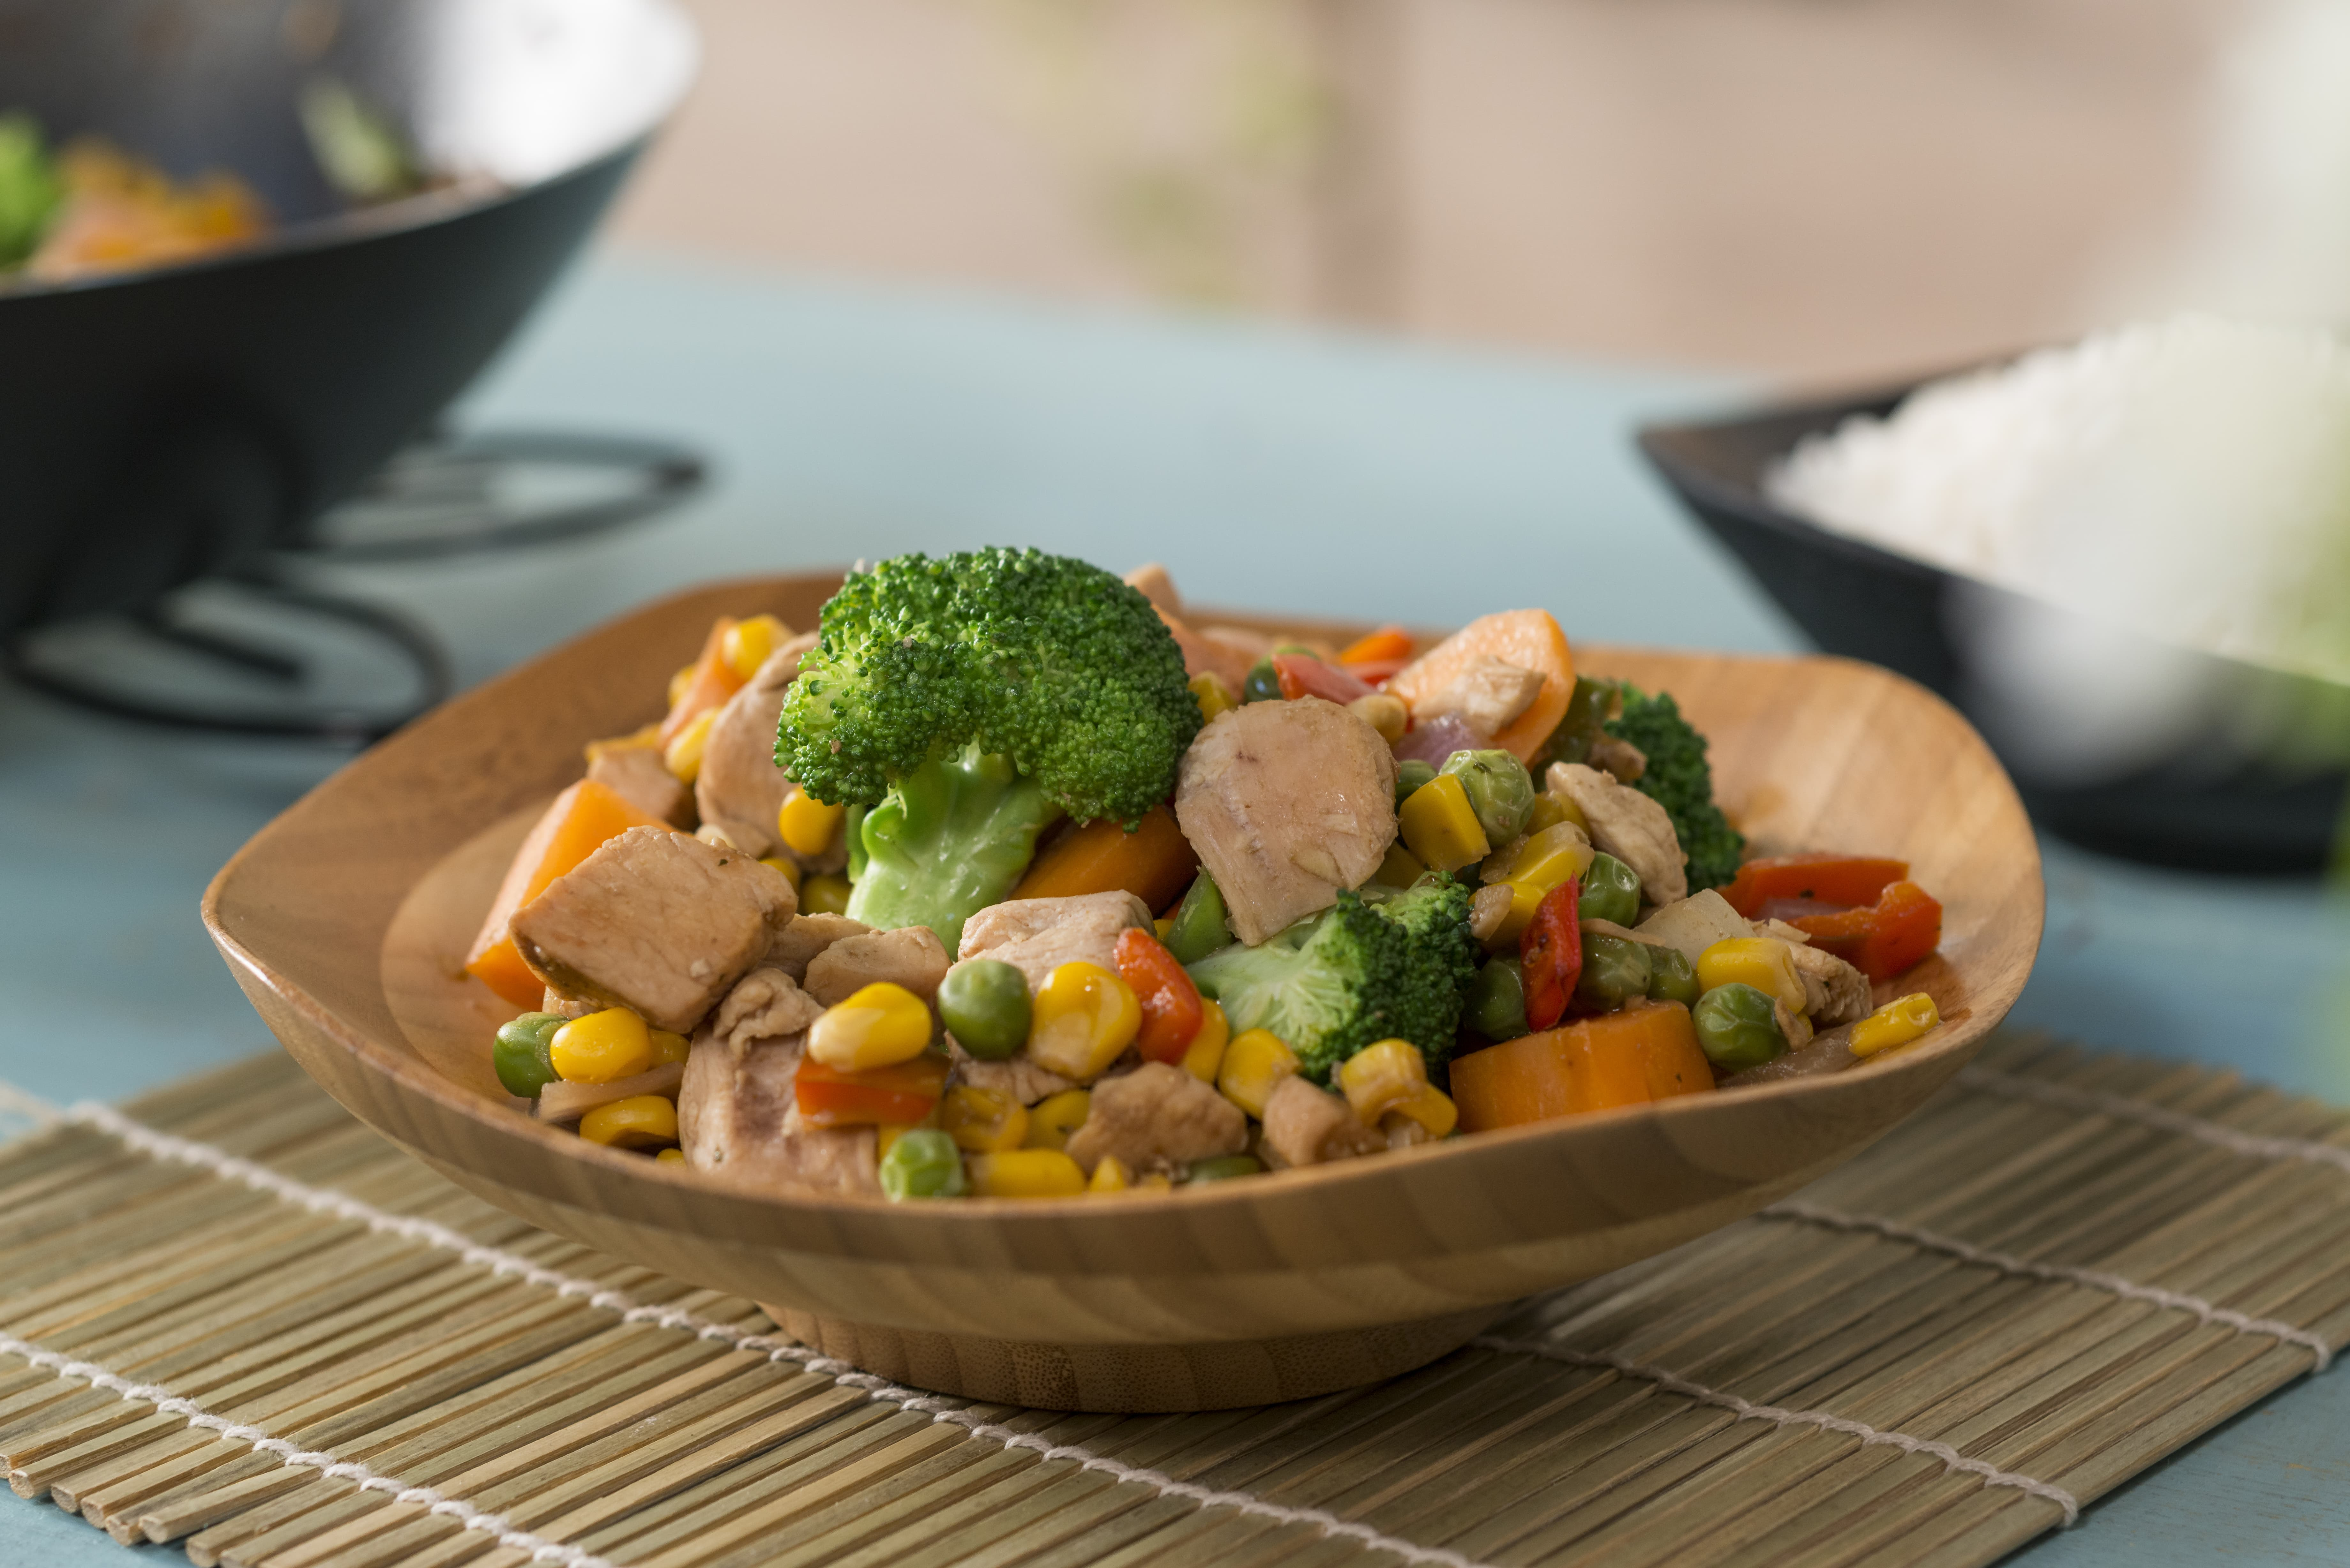 Pollo al wok con vegetales